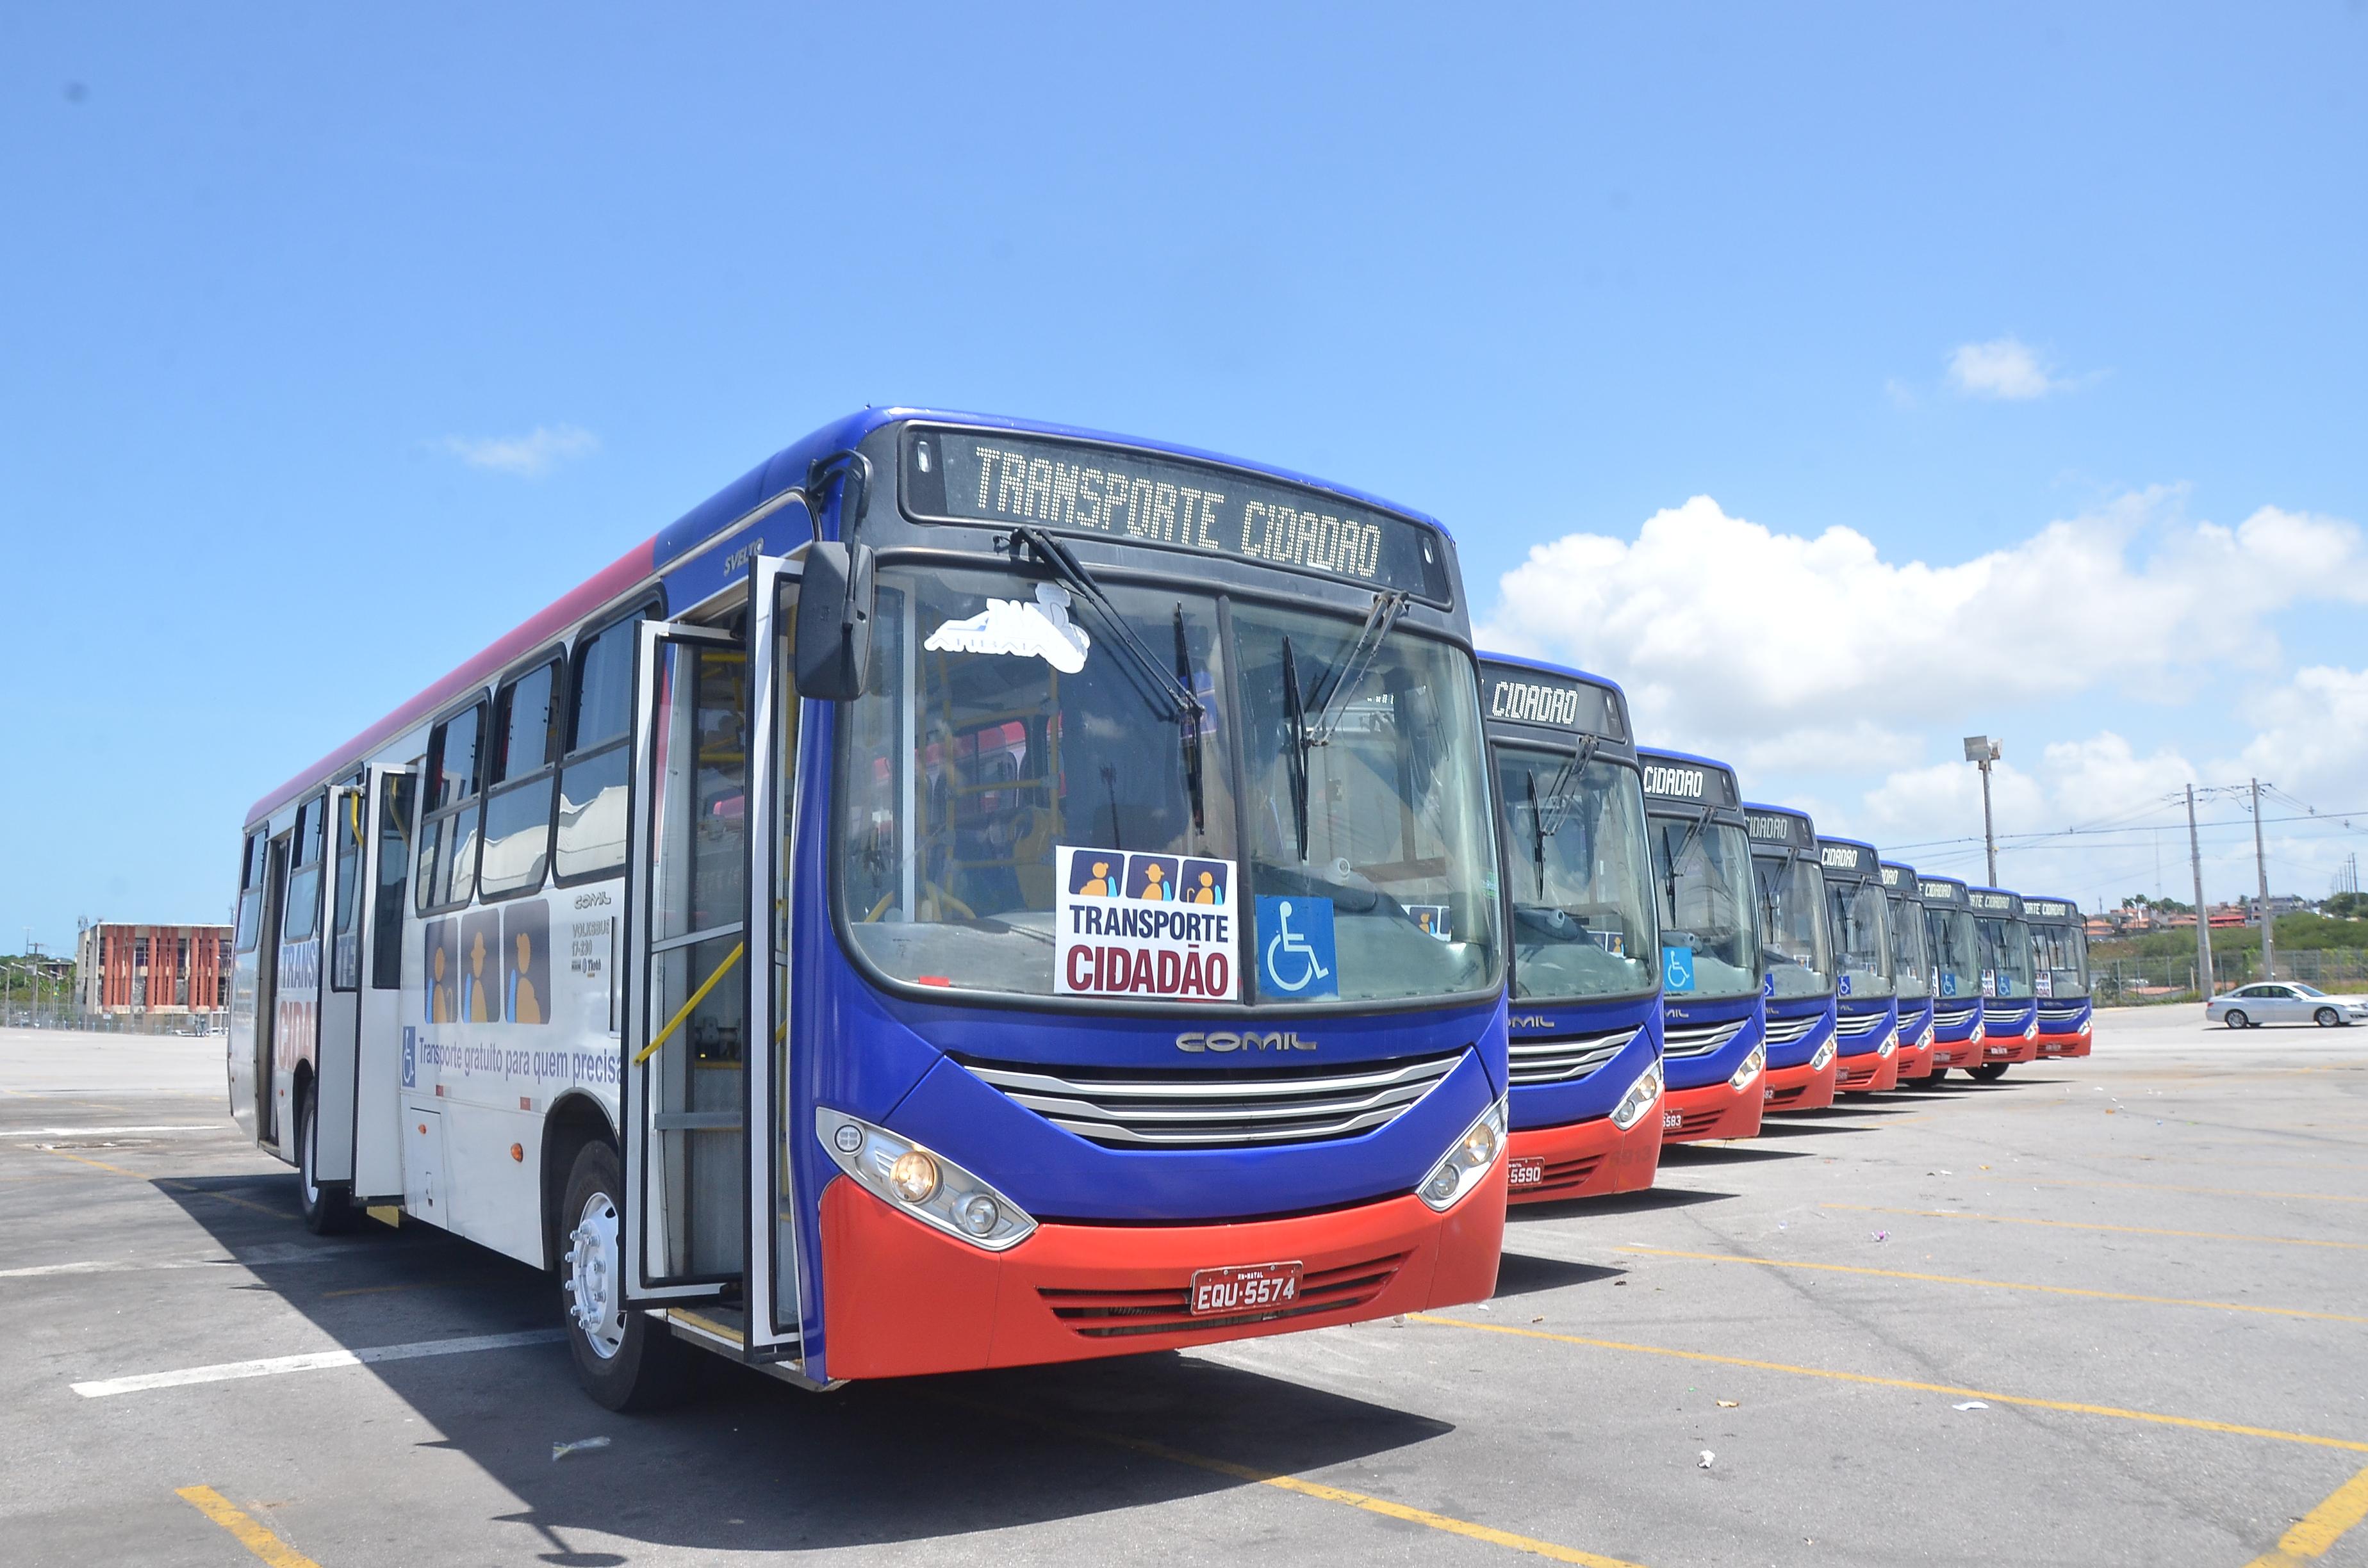 Transporte cidadão 158